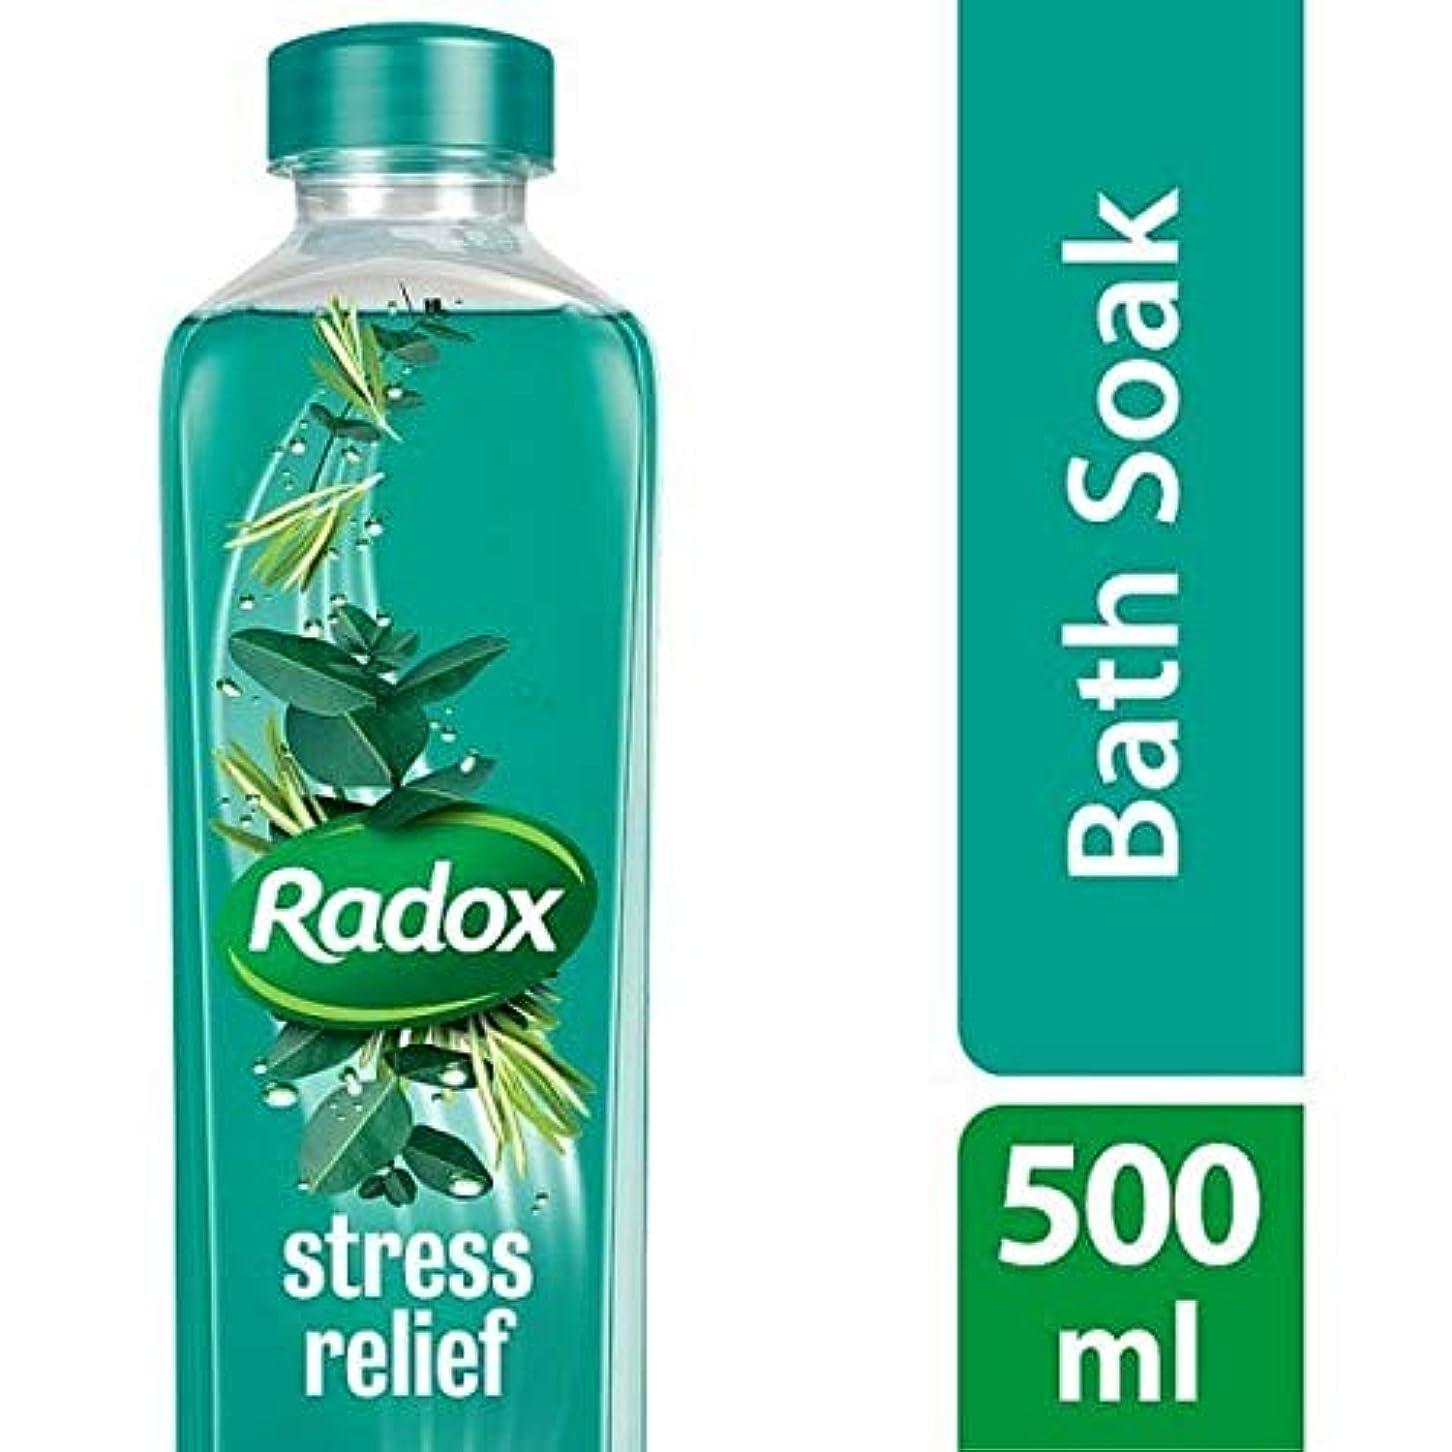 百不愉快にボンド[Radox] Radoxは、500ミリリットルのソーク良い香りストレスリリーフ風呂を感じます - Radox Feel Good Fragrance Stress Relief Bath Soak 500ml [並行輸入品]